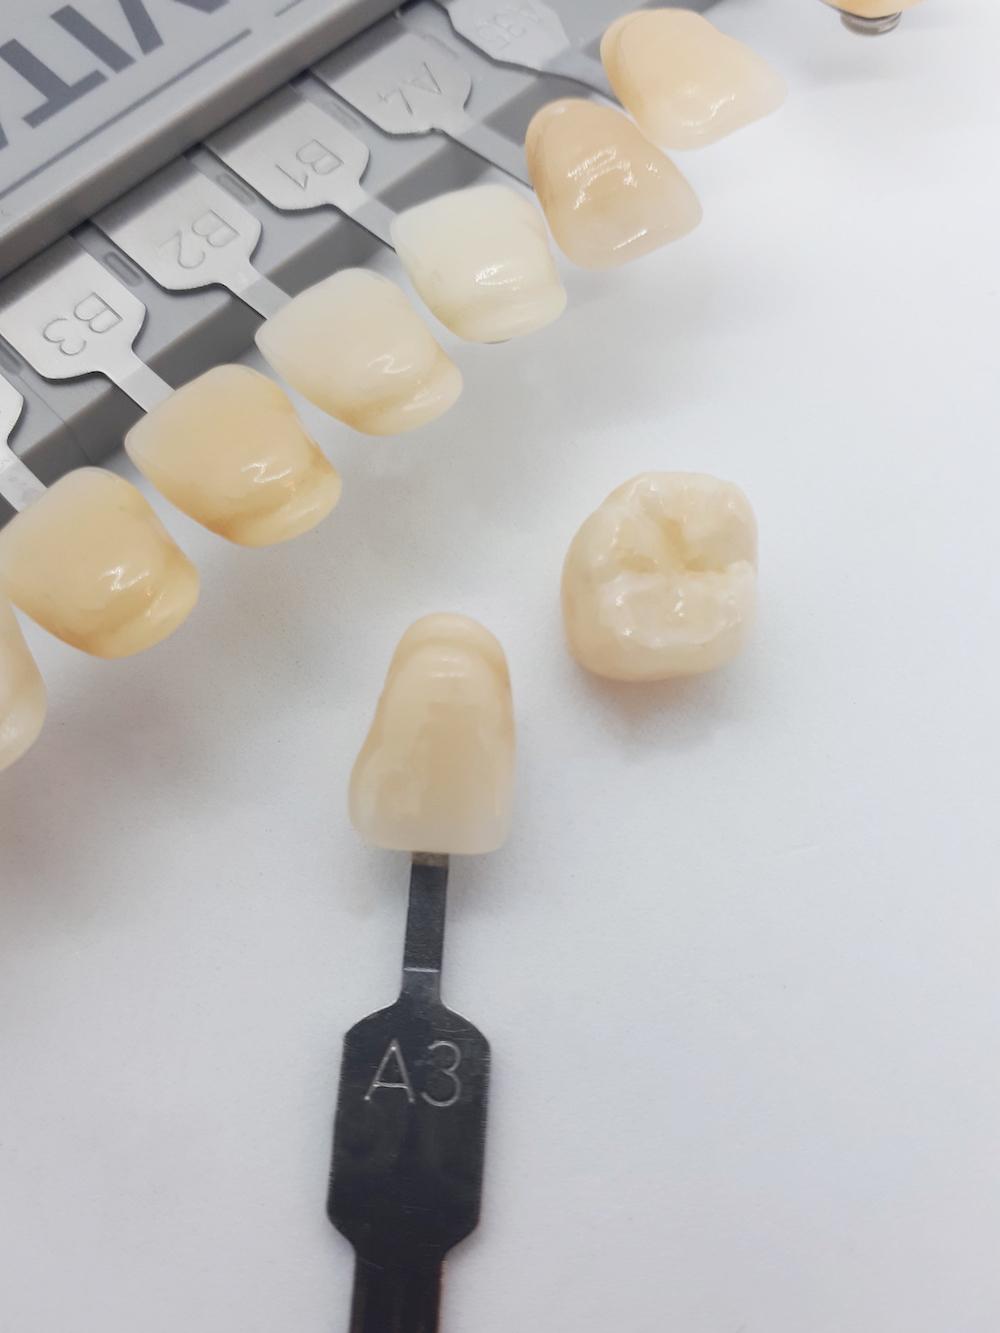 Zahnfarbe A3 Vita - Lexikon - implantate.com